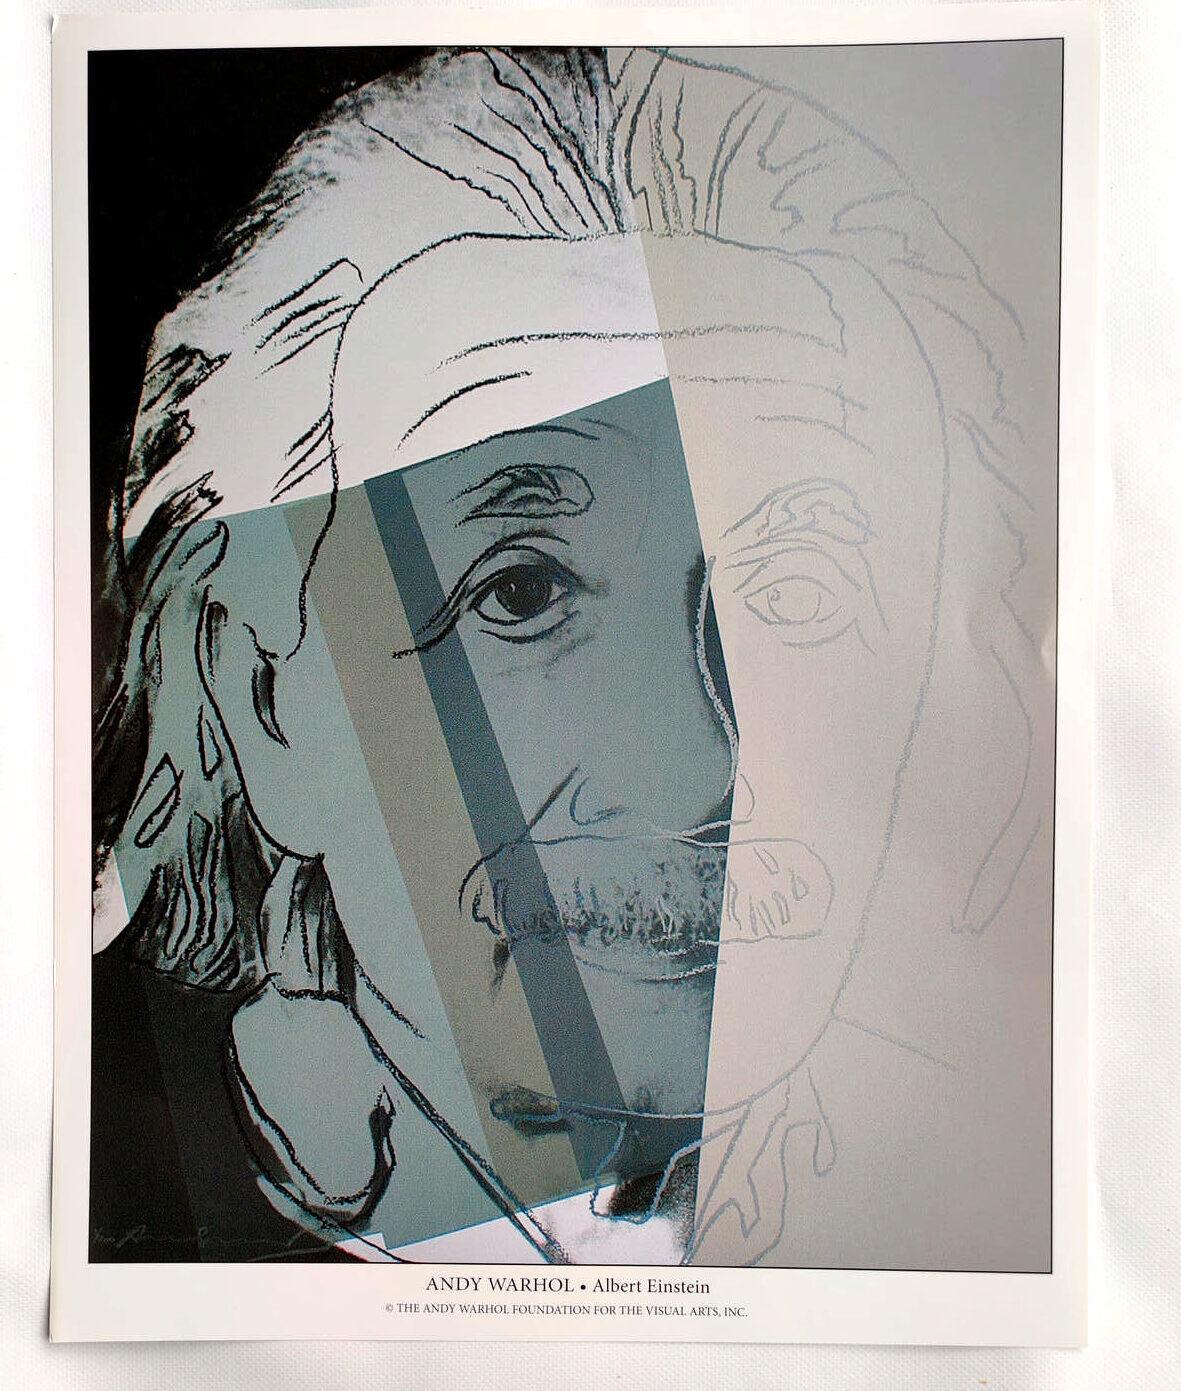 Andy Warhol - Albert Einstein - (c) the Andy Warhol Foundation for The Visual Arts, Inc., Kunstposter mit Spnede für gemeinnütziges Engagement, mit freundlicher Genehmigung der AKIM e.V.